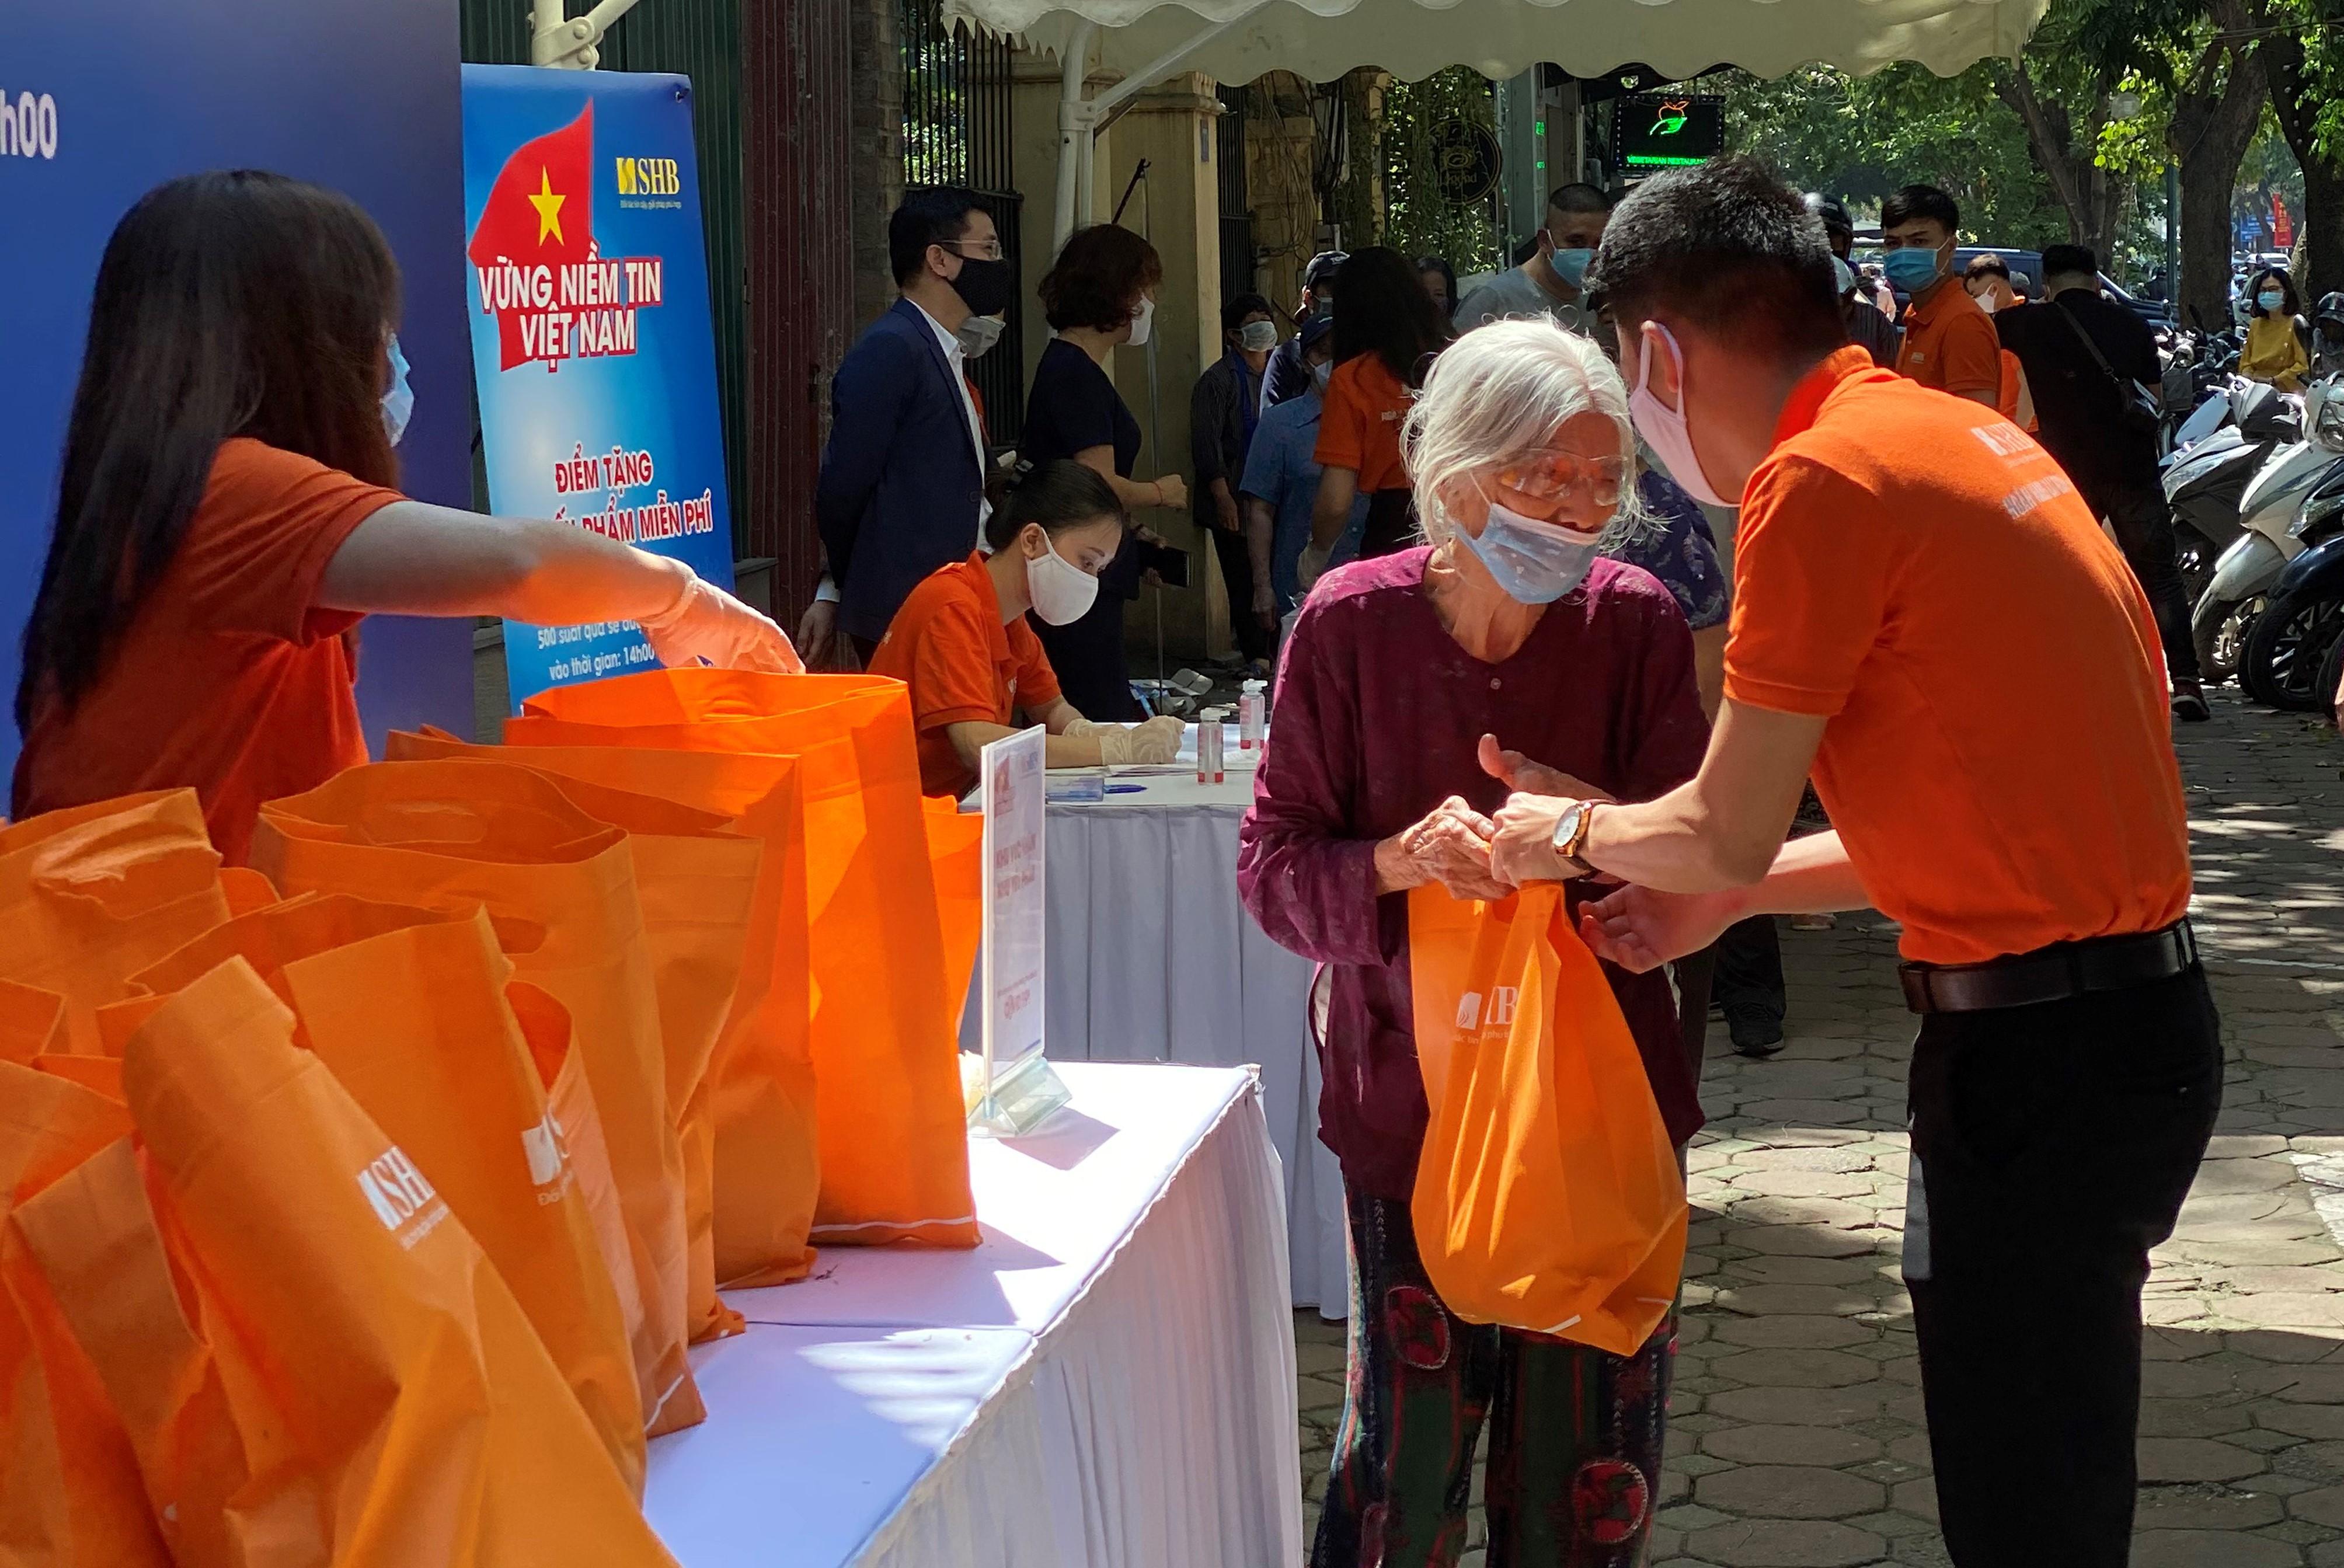 """Chương trình """"Vững niềm tin Việt Nam"""" tặng gần 6.000 suất nhu yếu phẩm cho người dân chịu ảnh hưởng bởi dịch Covid-19  - Ảnh 1"""